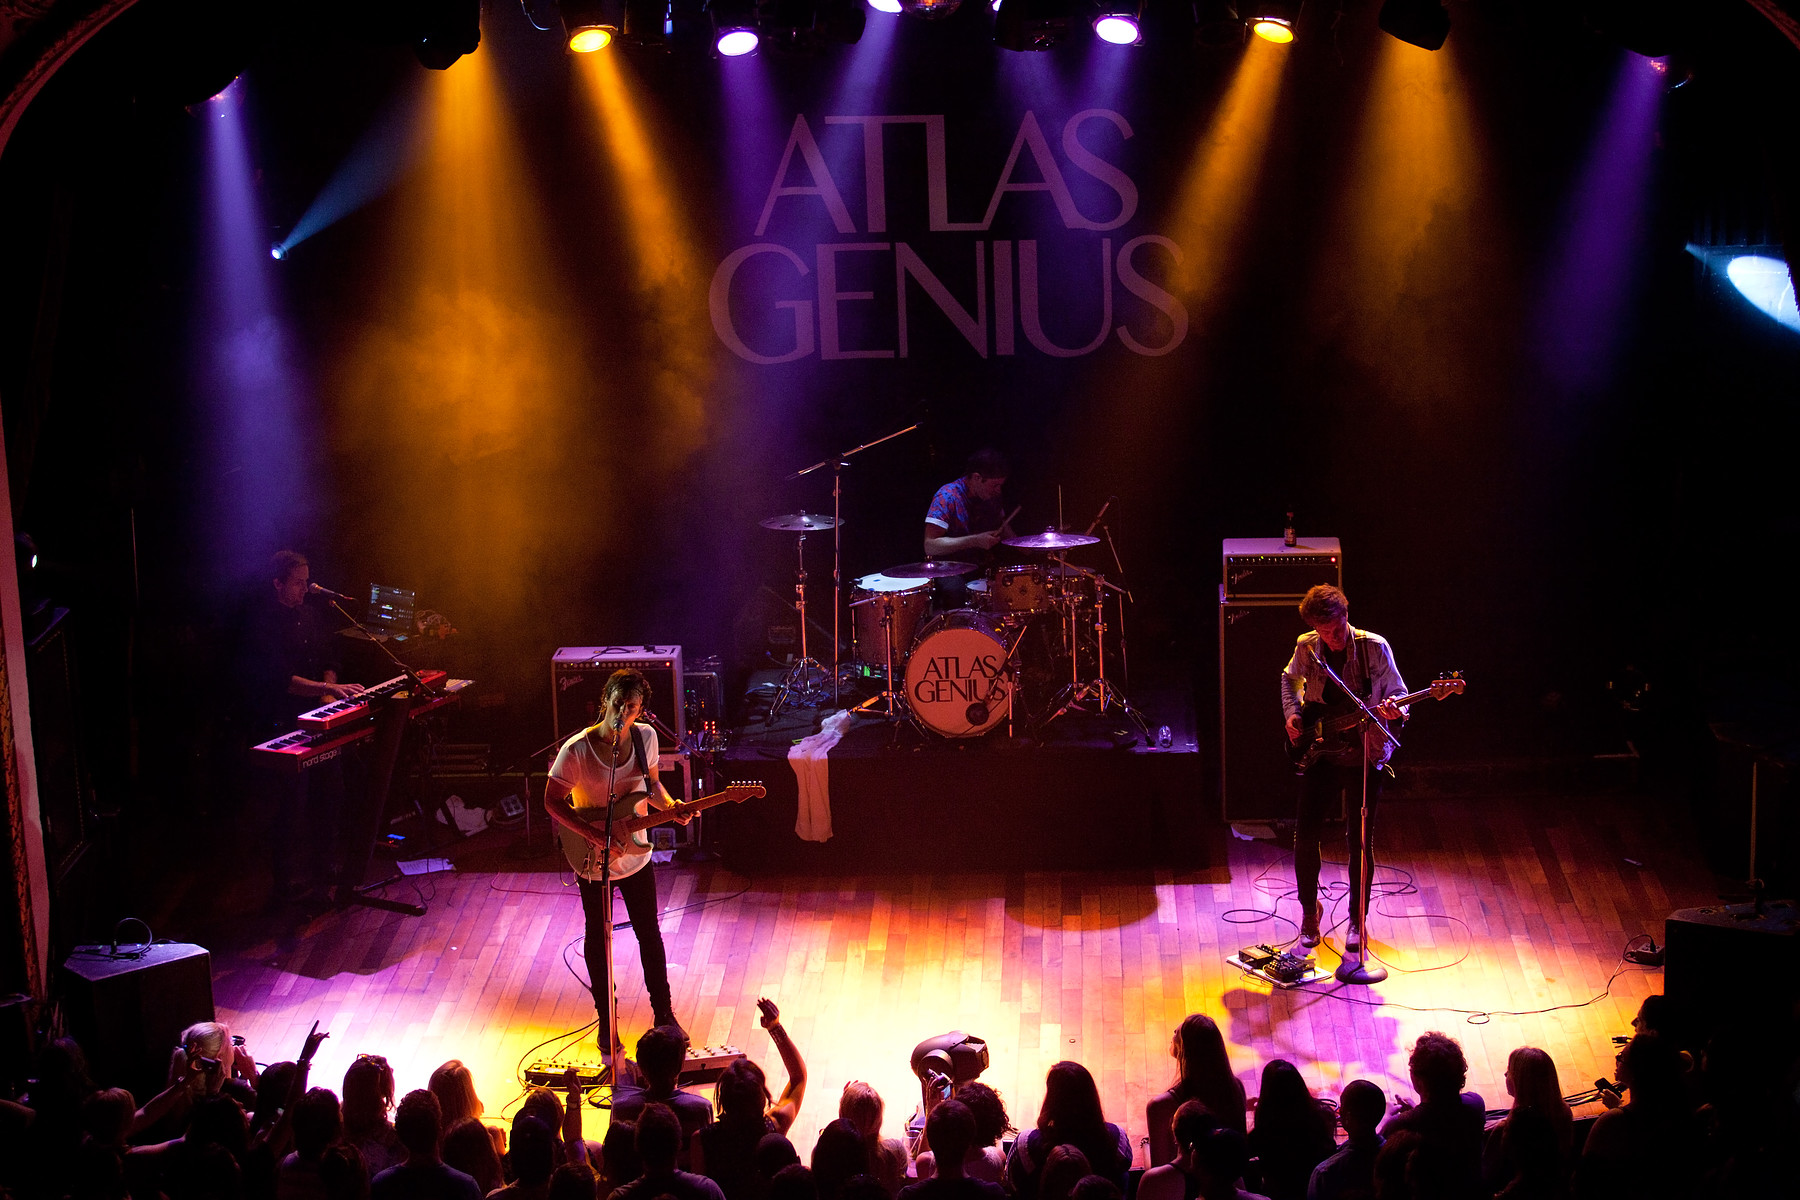 Atlas Genius // The Opera House